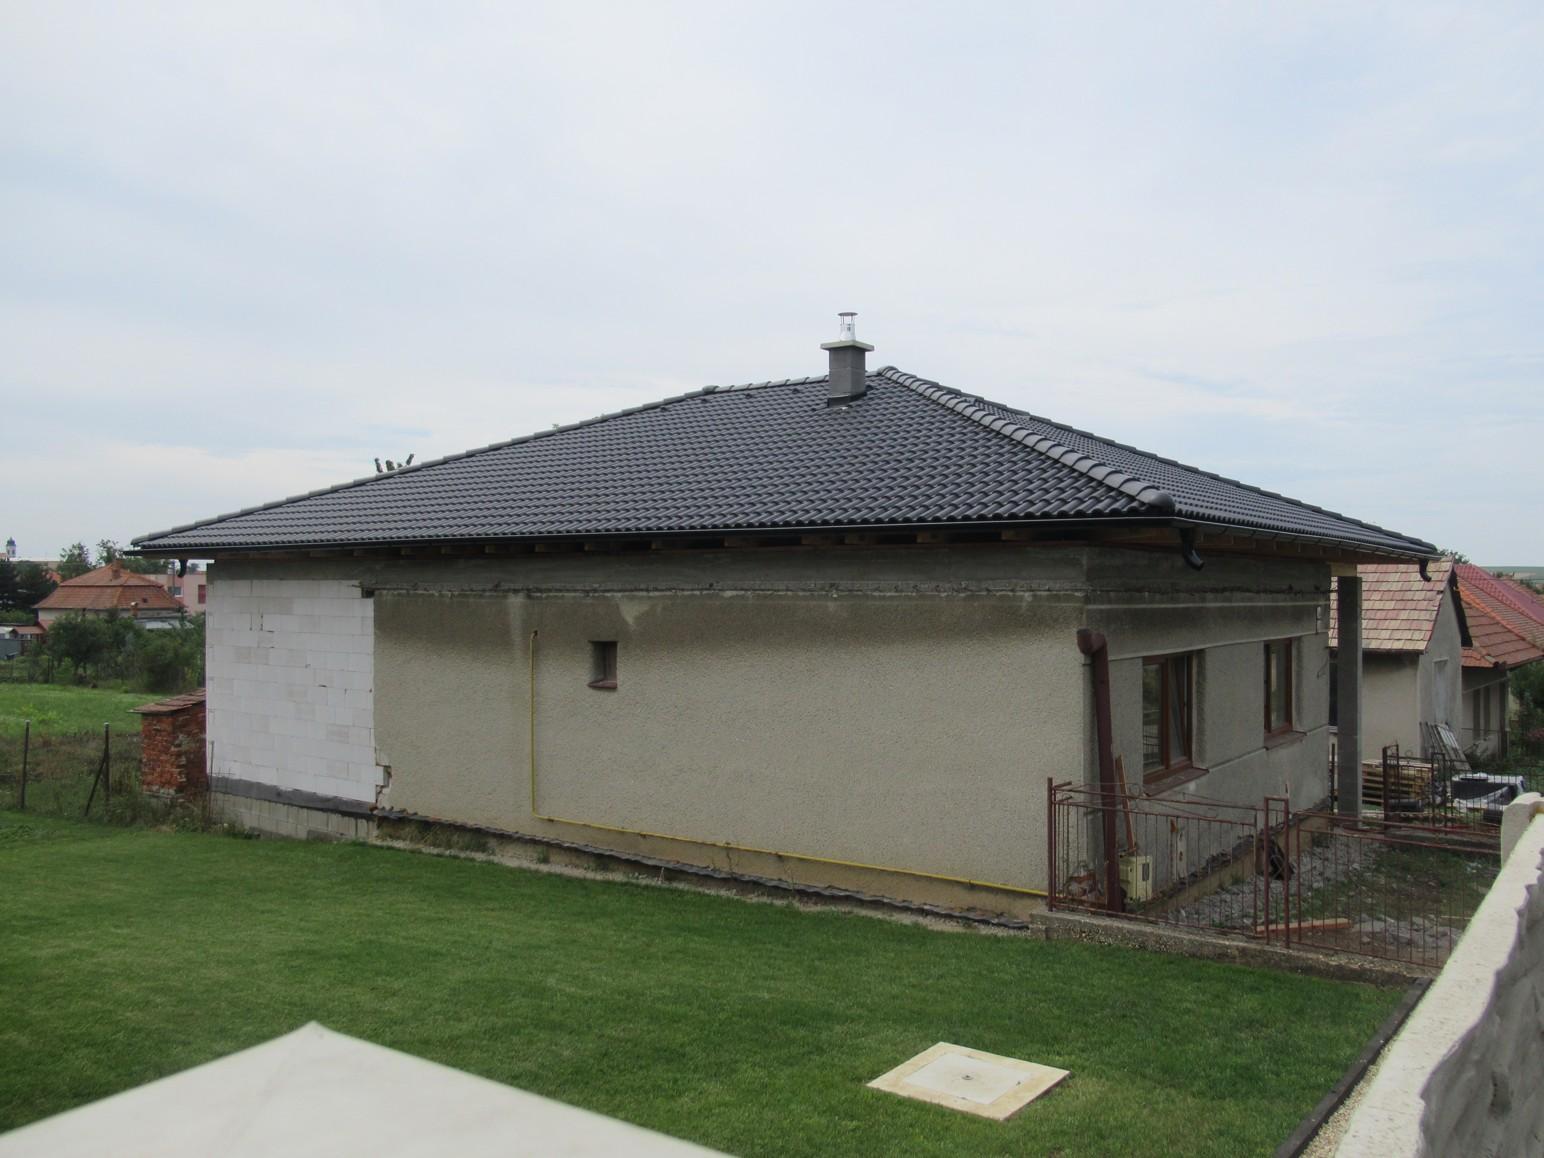 Väzníková strecha na kľúč s krytinou Terran Danubia EVO Carbon Veľká Maňa okr. Nové Zámky - Obrázok č. 3